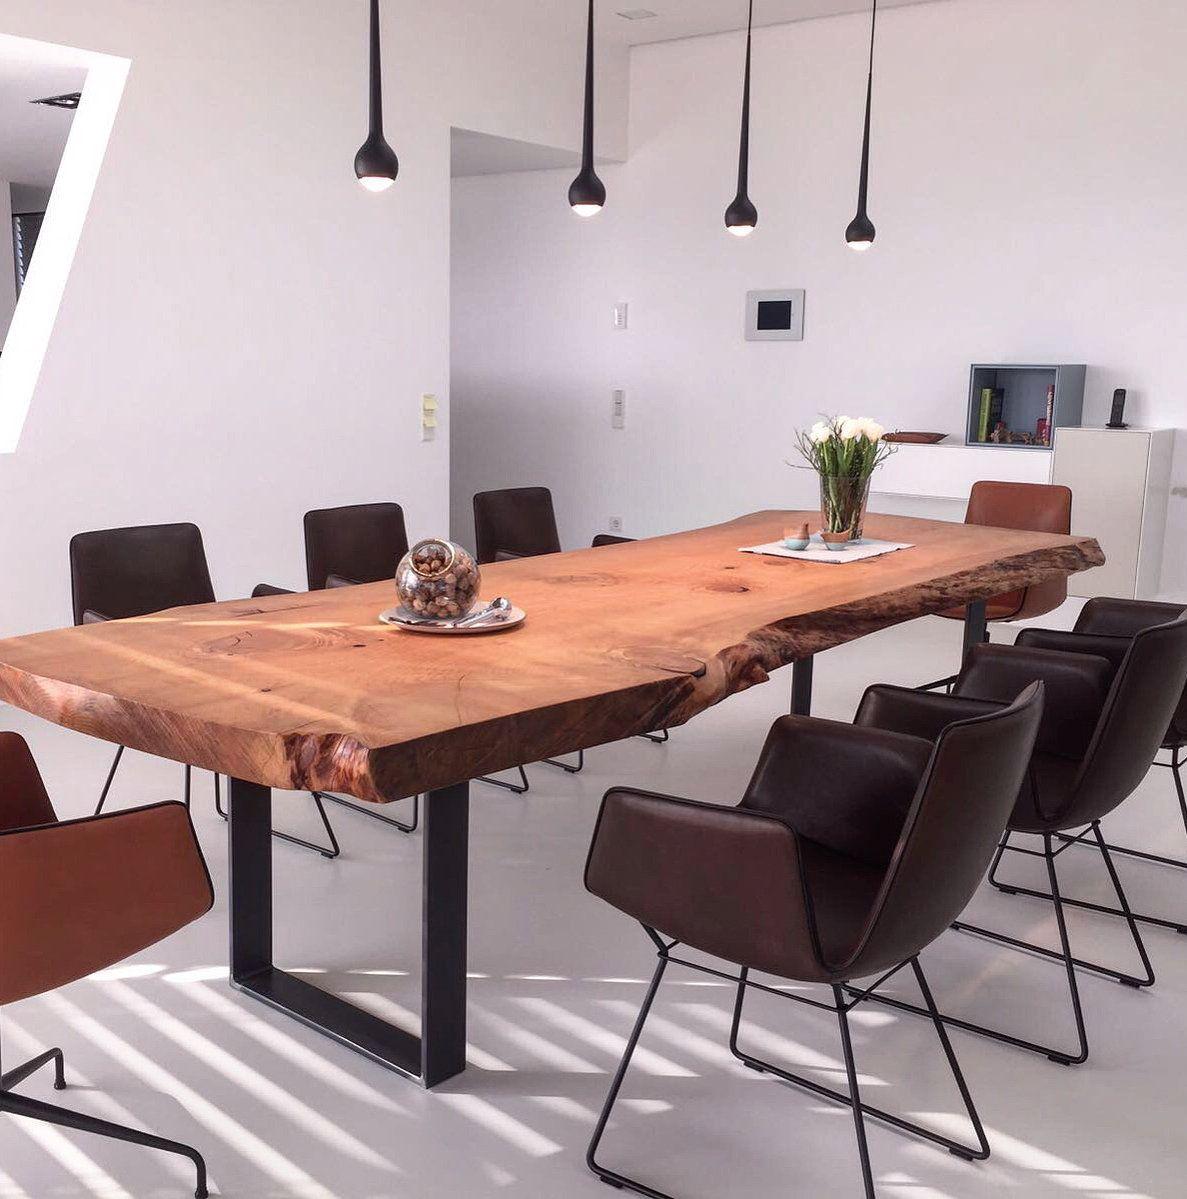 Rustikale esszimmerbeleuchtung ideen baumtisch esstisch massivholztisch aus zedernholz unverleimt aus